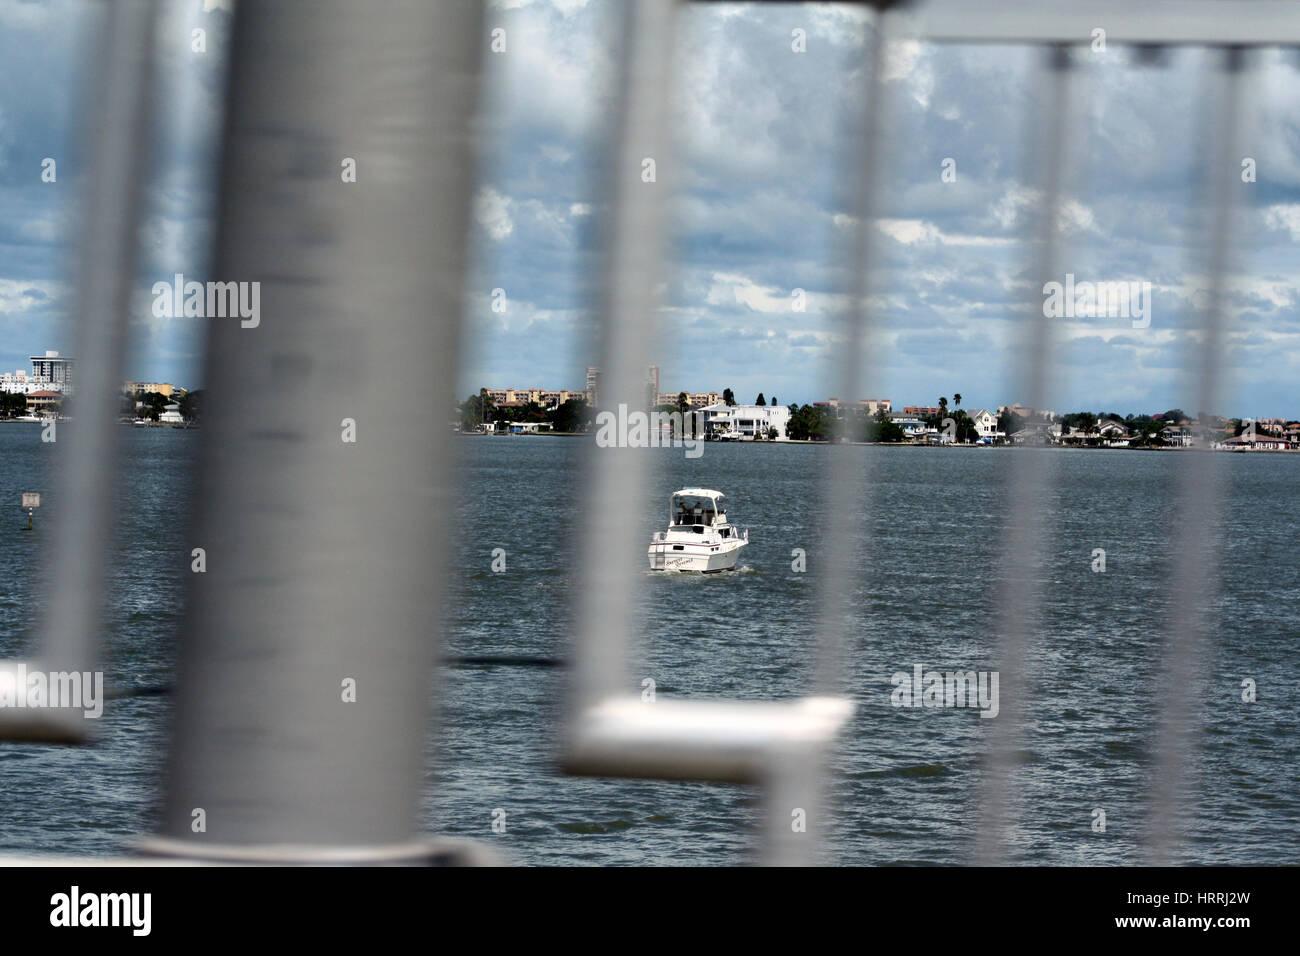 Boat in Tampa - Stock Image